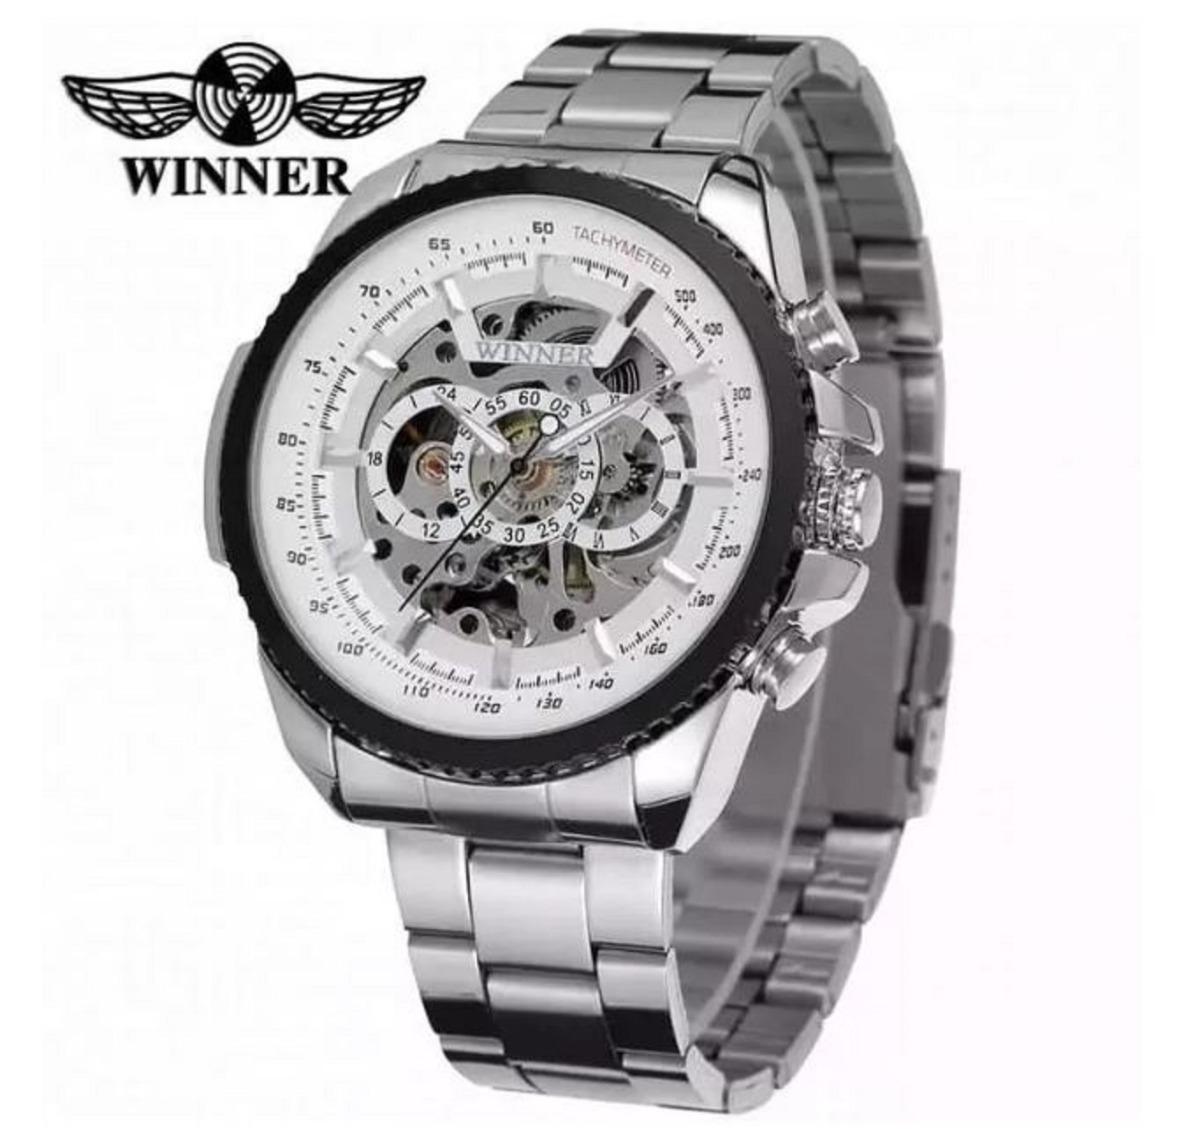 8e0ba9959b9 relógio masculino prata automático esqueleto winner. Carregando zoom.